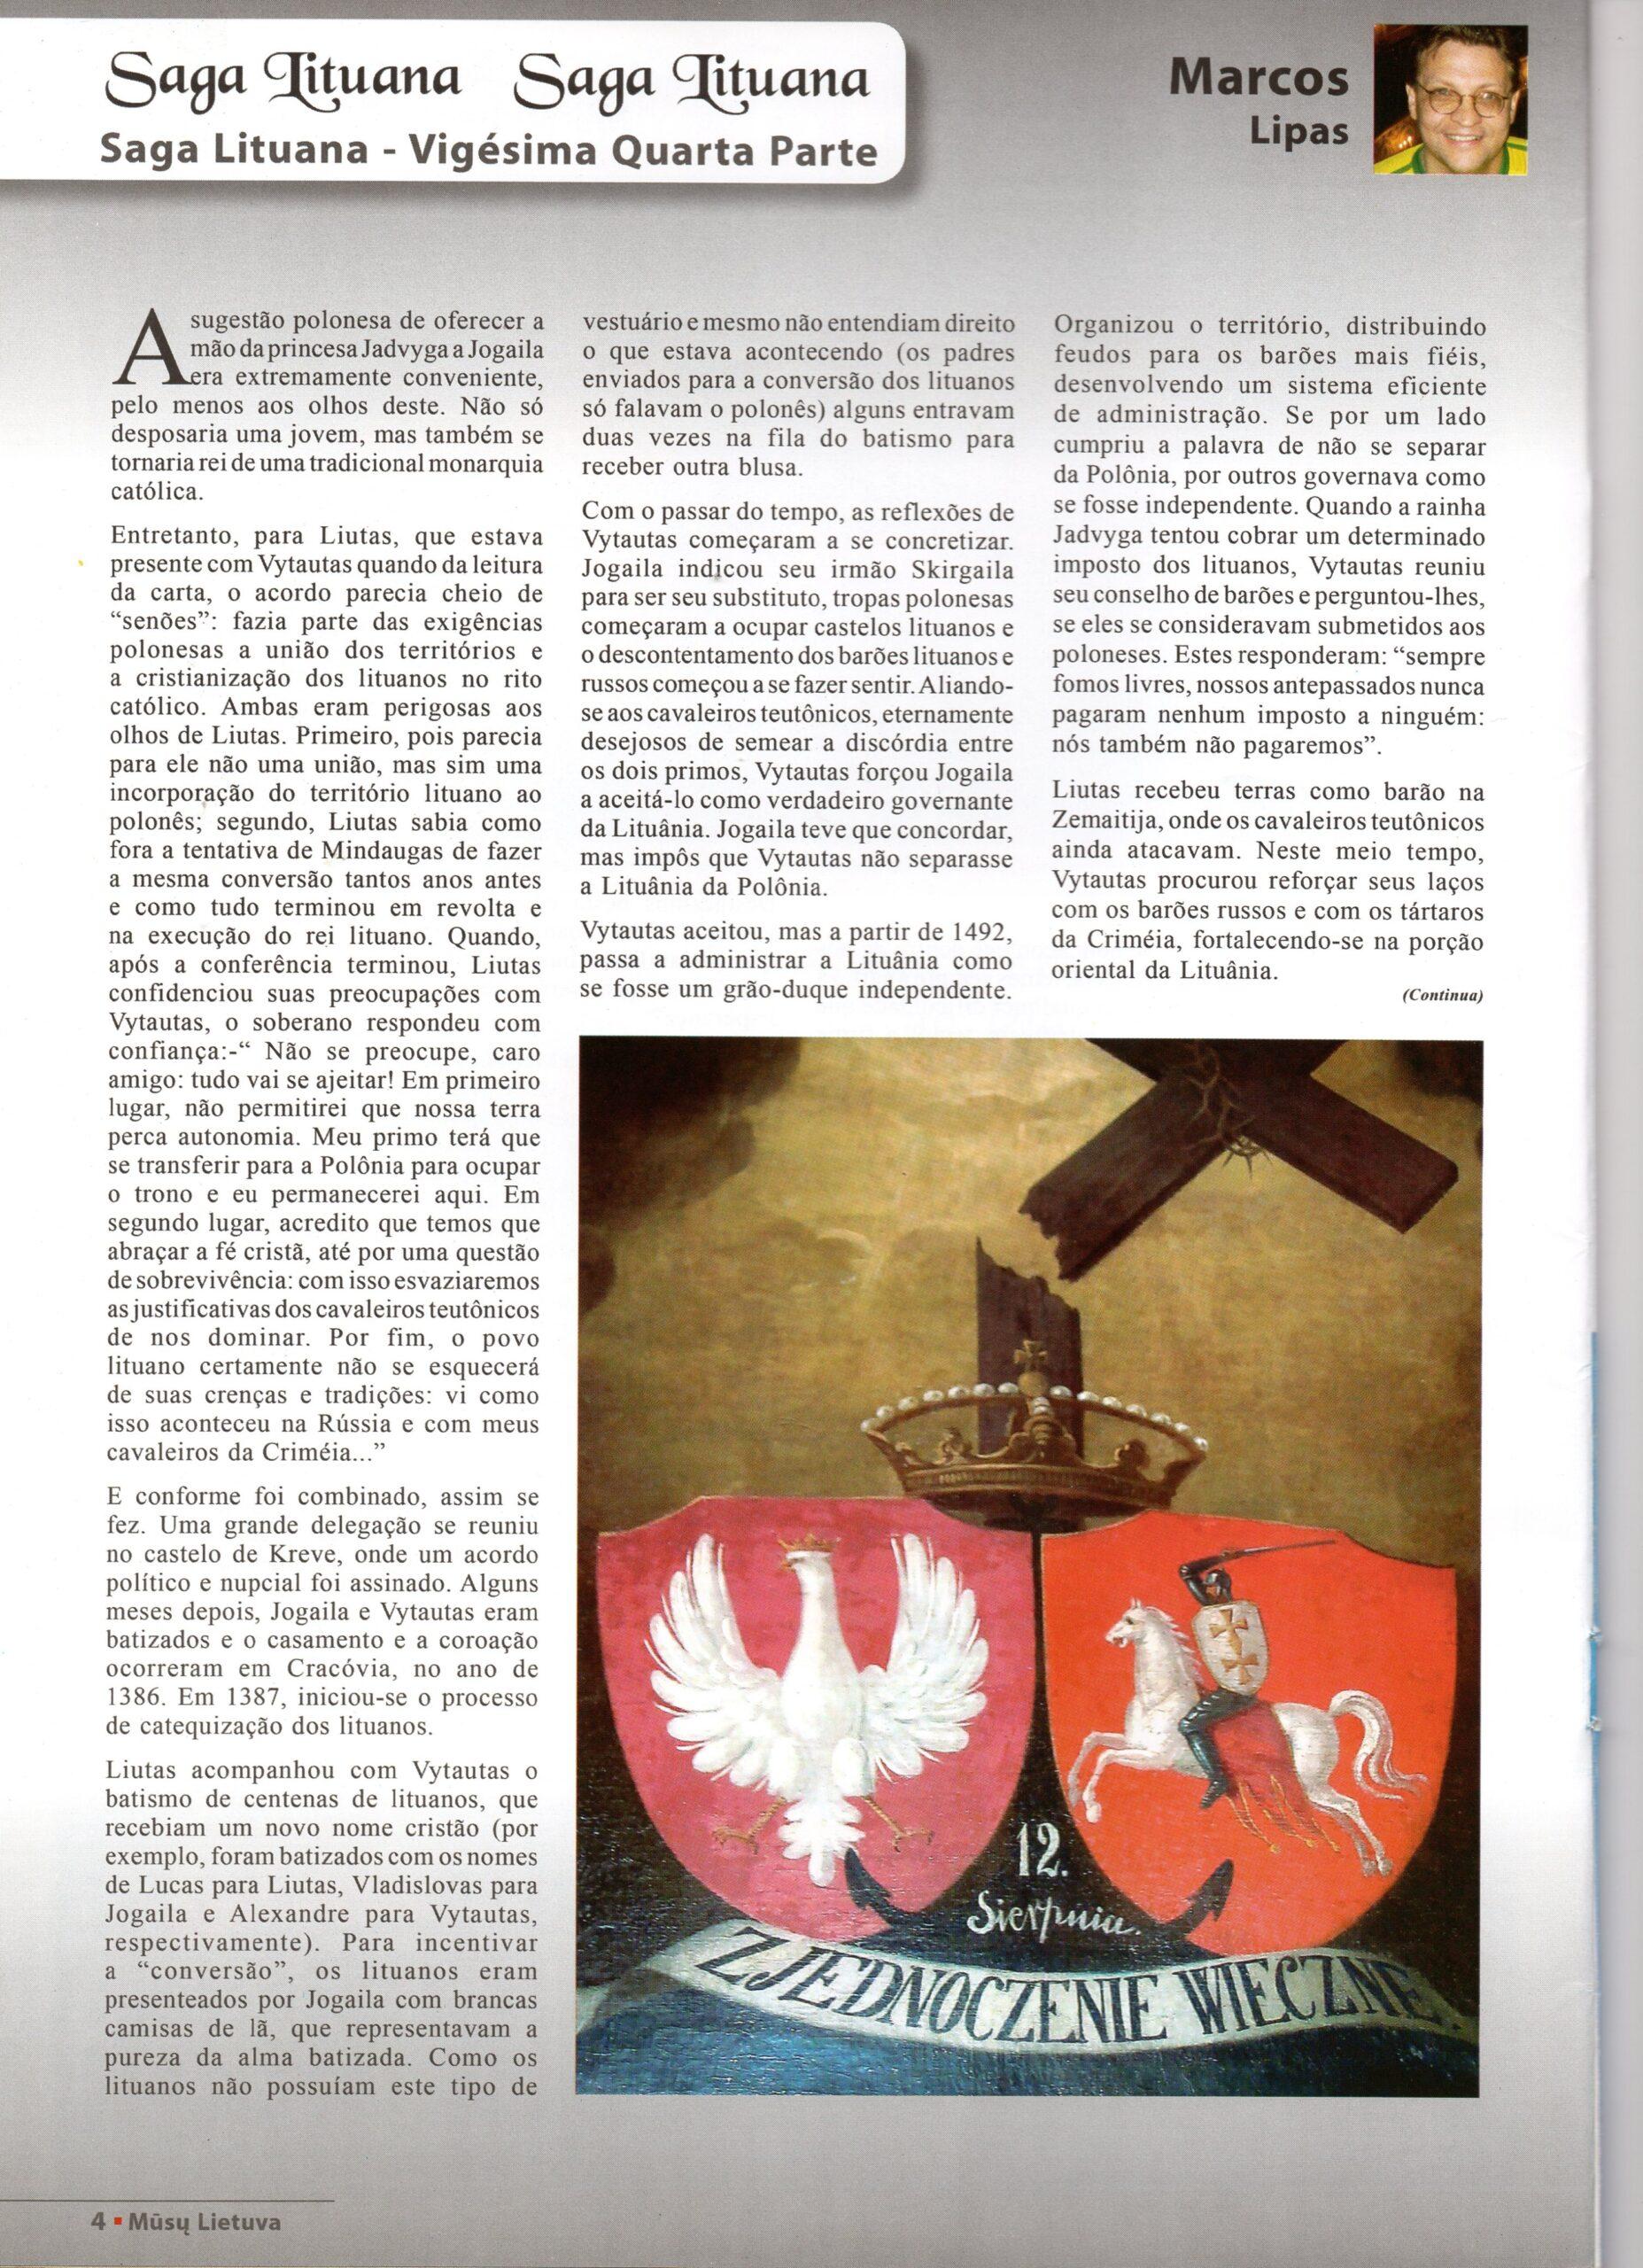 Žurnalo puslapis.